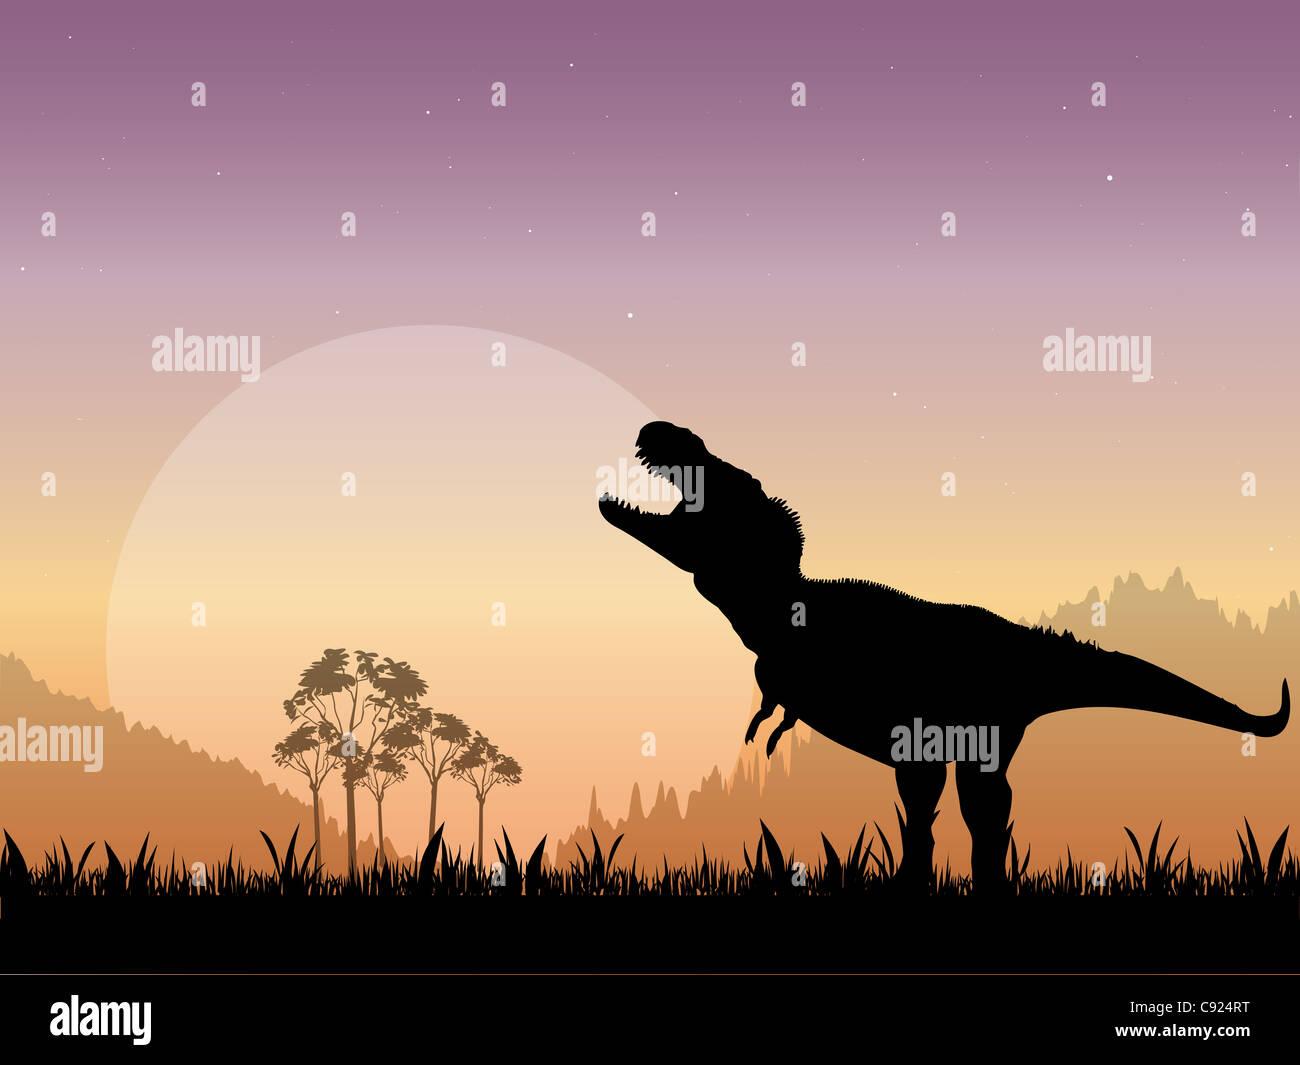 Die Silhouette von einem Tyrannosaurus Rex brüllend vor einem stumpfen Mond mit einem Sternenhimmel als Hintergrund. Stockfoto